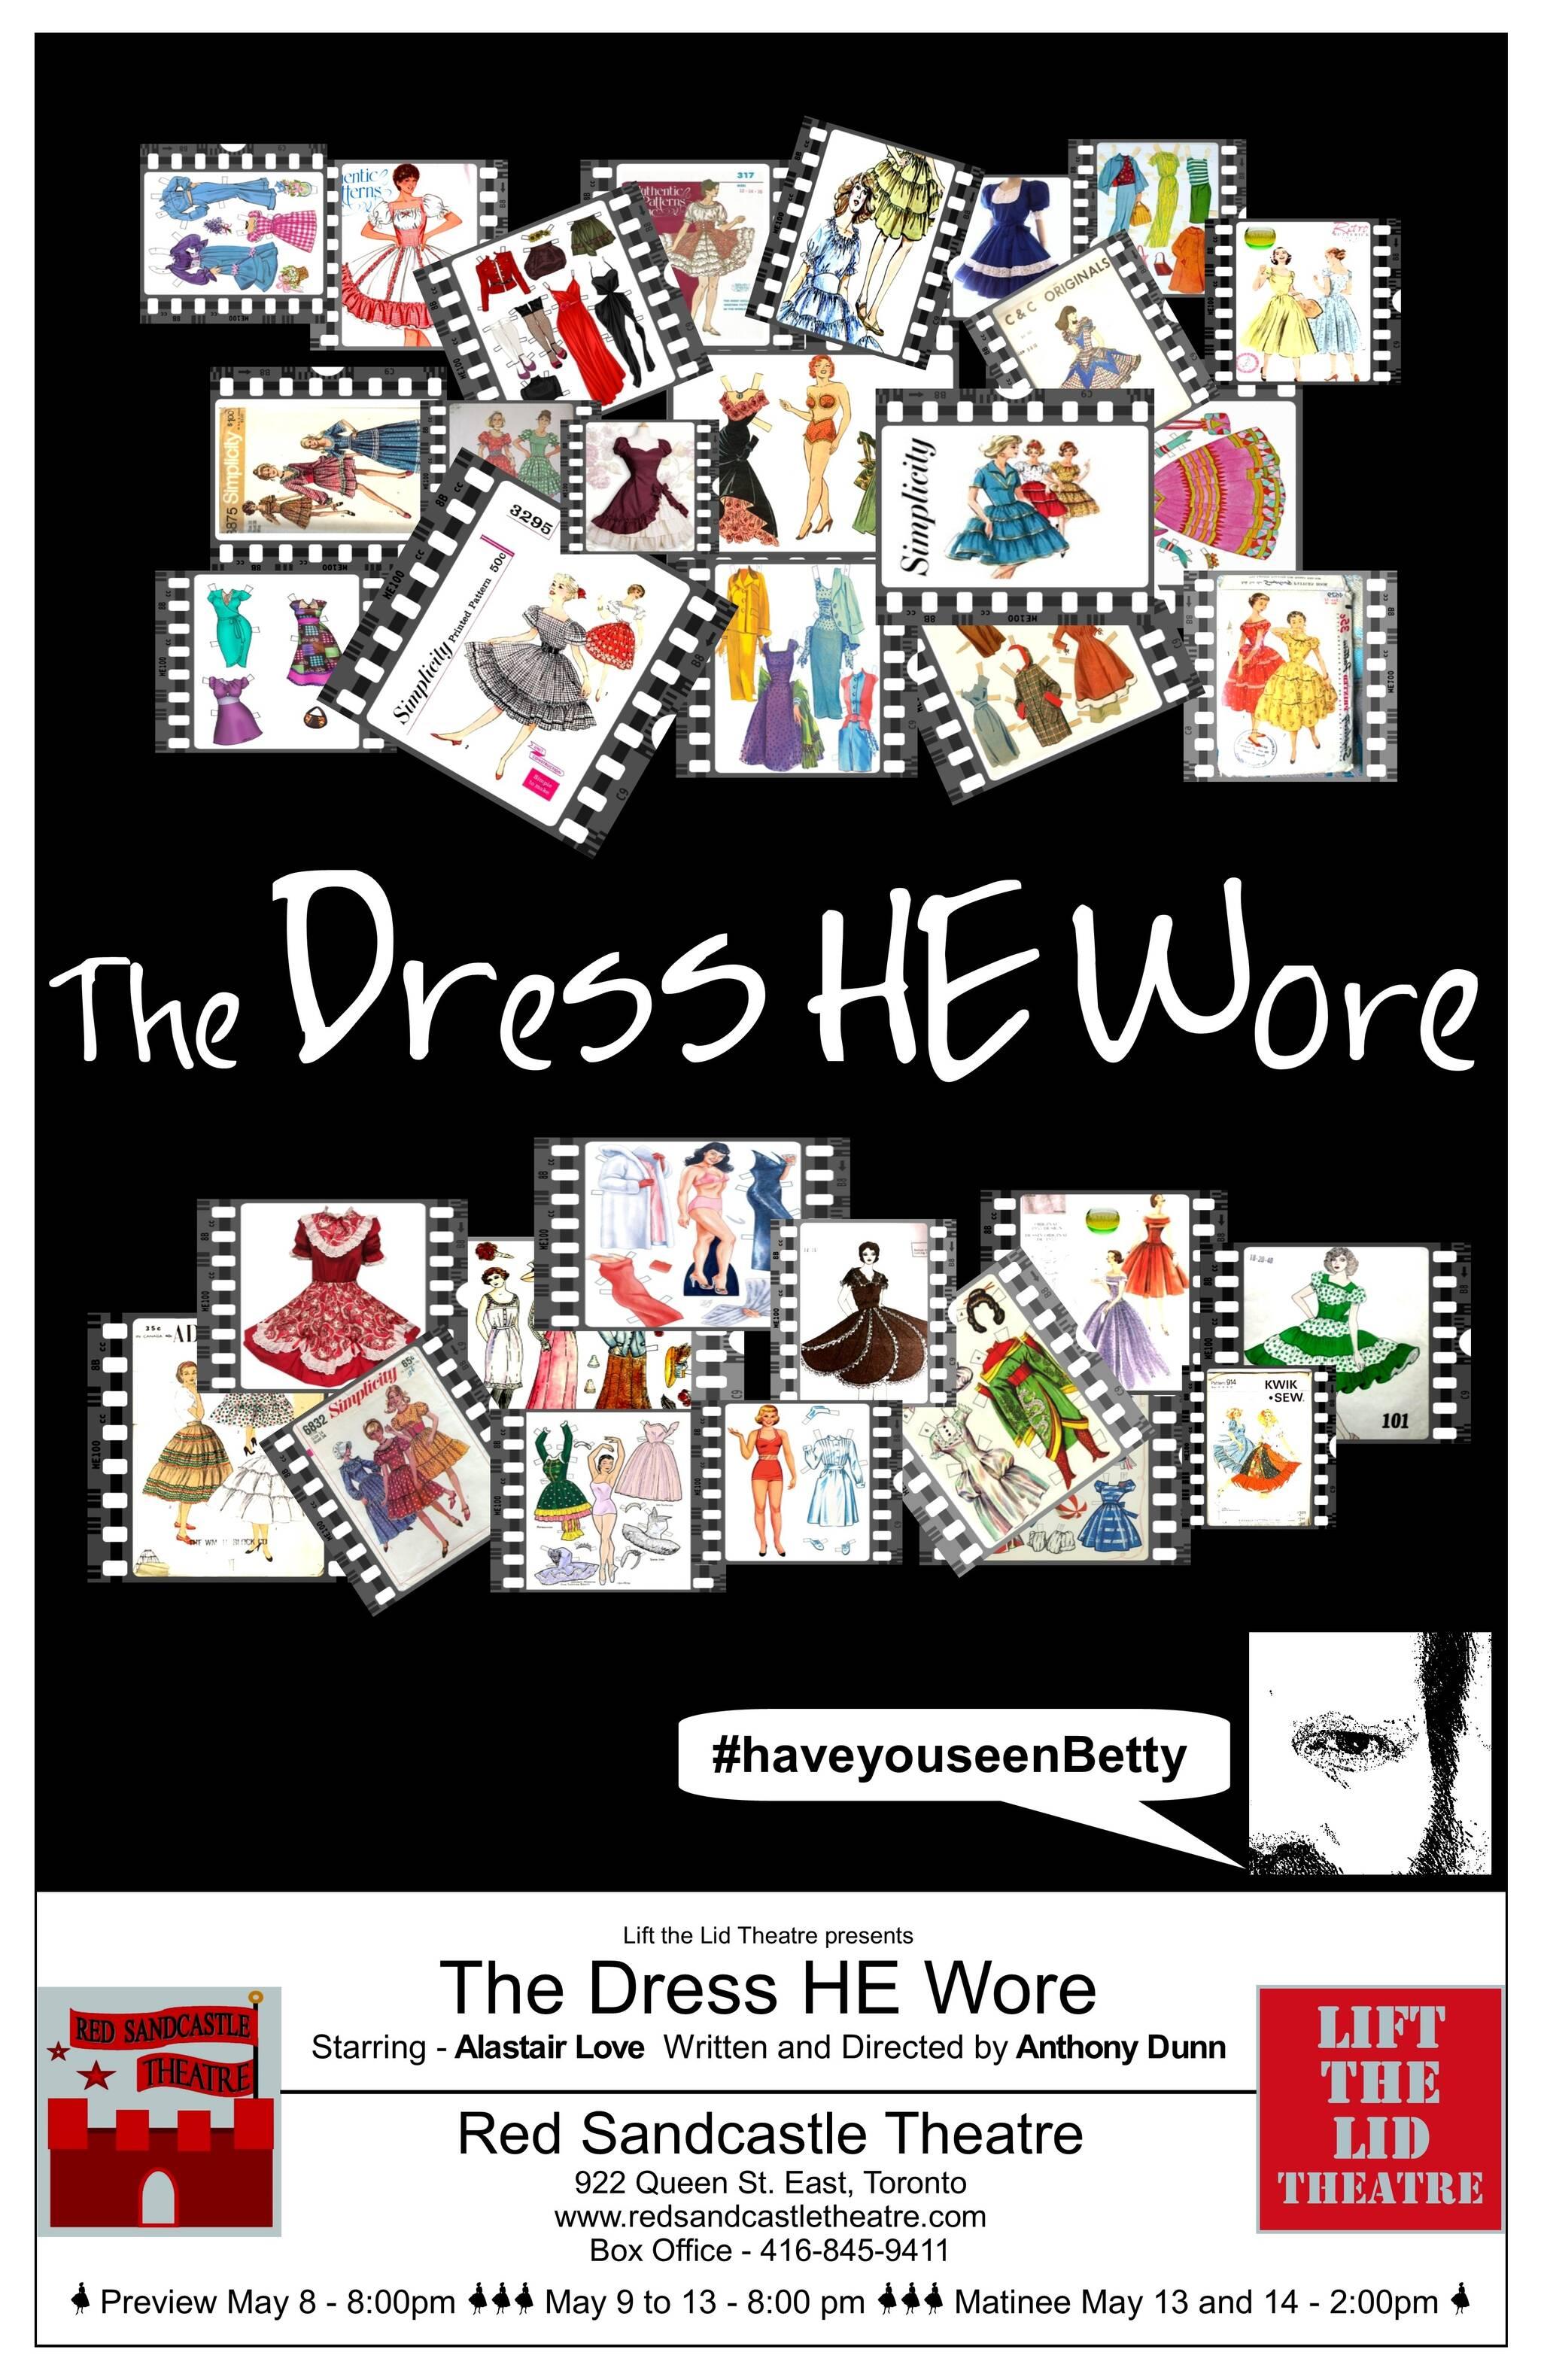 The dress he wore toronto - The Dress He Wore Toronto 0